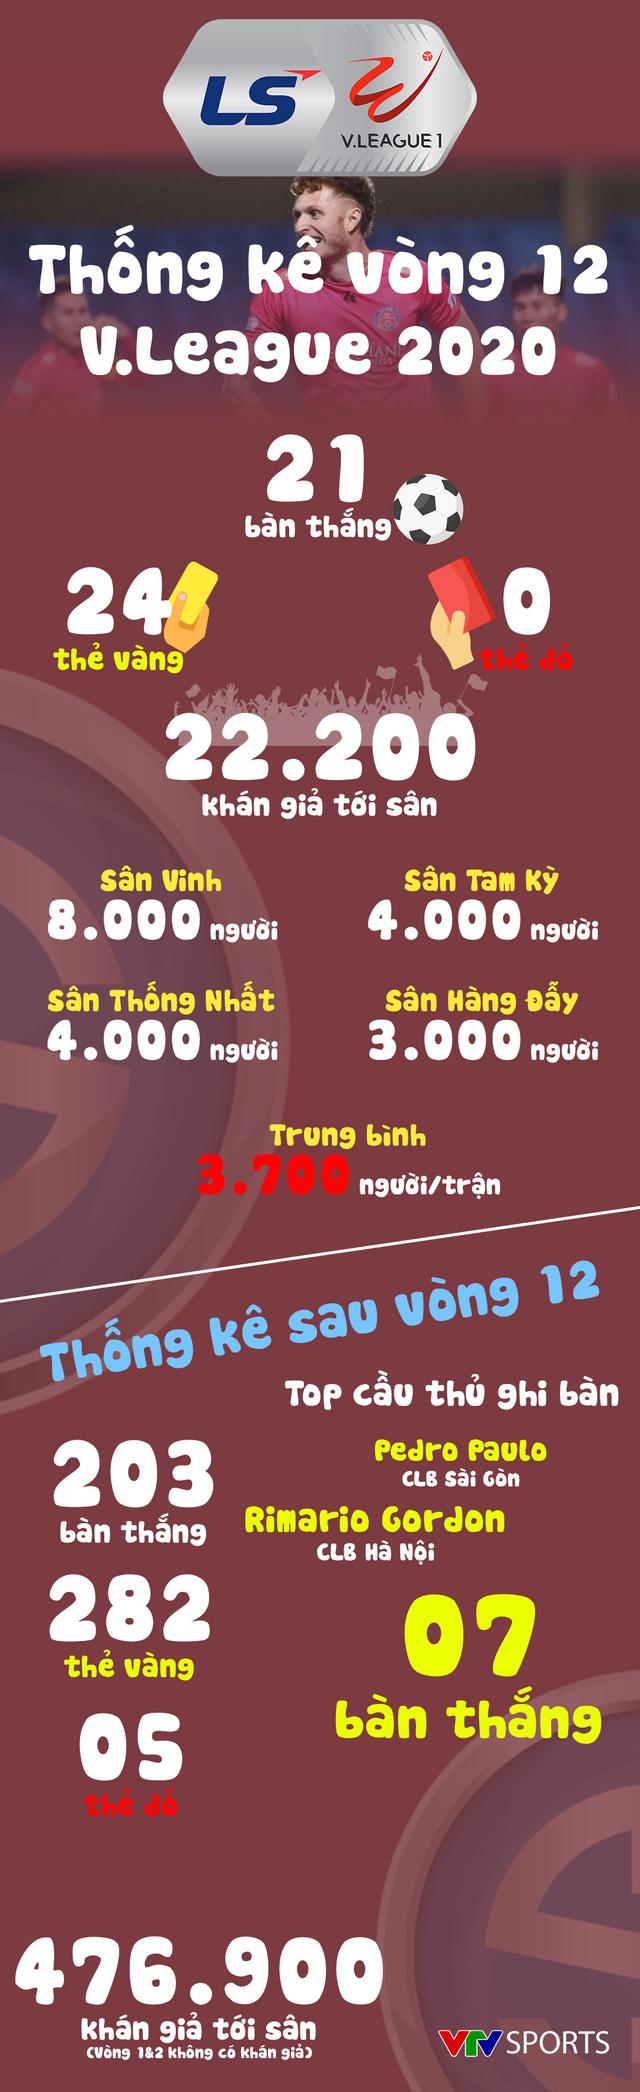 Infographic: Các số liệu thống kê vòng 12 LS V.League 1-2020 - Ảnh 1.